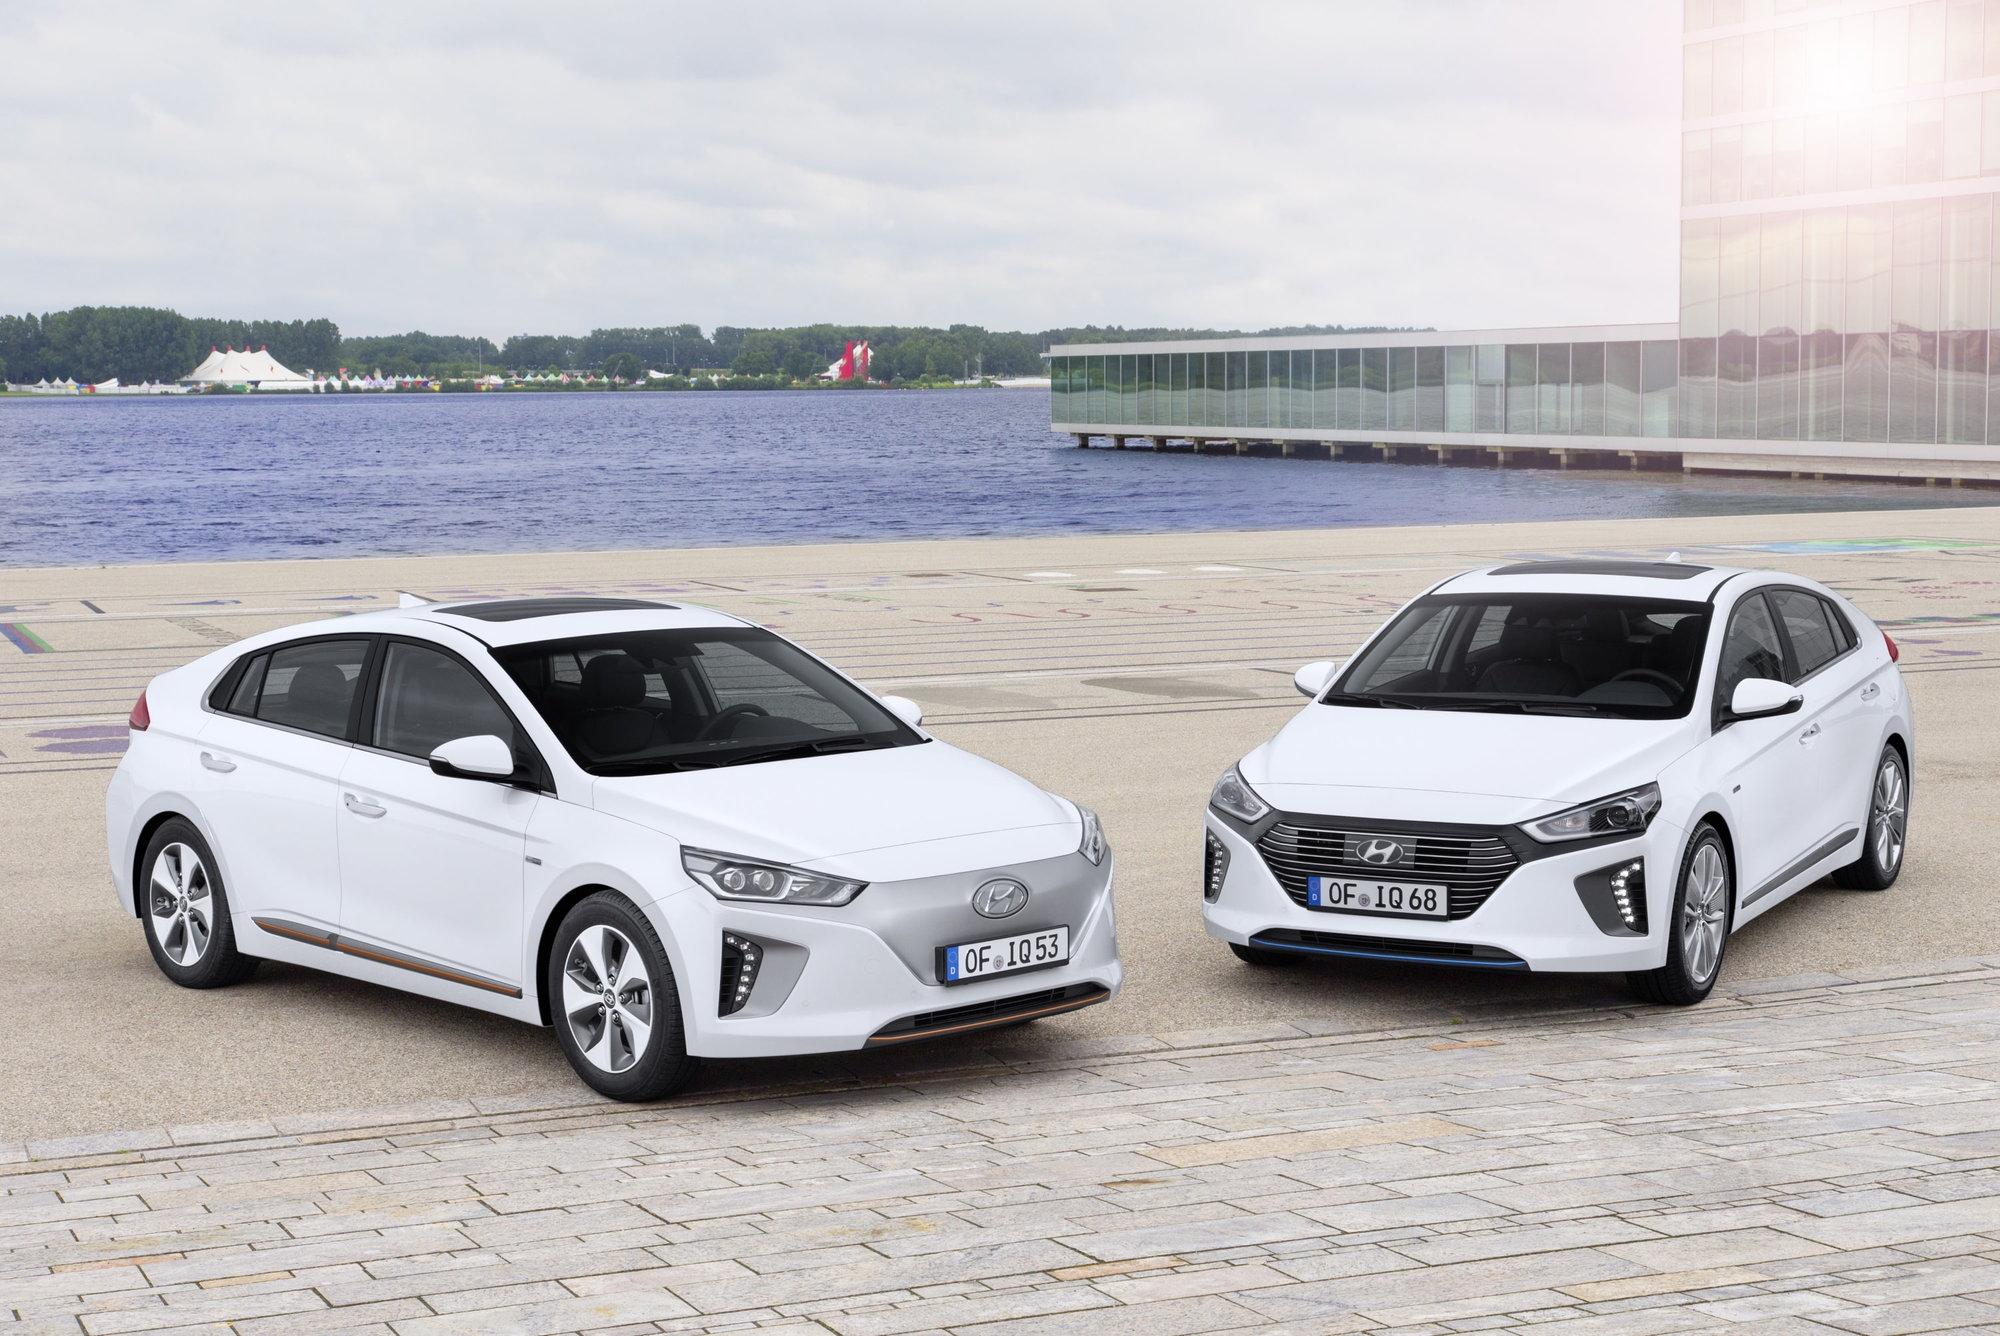 Němci zvolili Hyundai nejinovativnější značkou roku 2018, ocenili zejména alternativní pohony